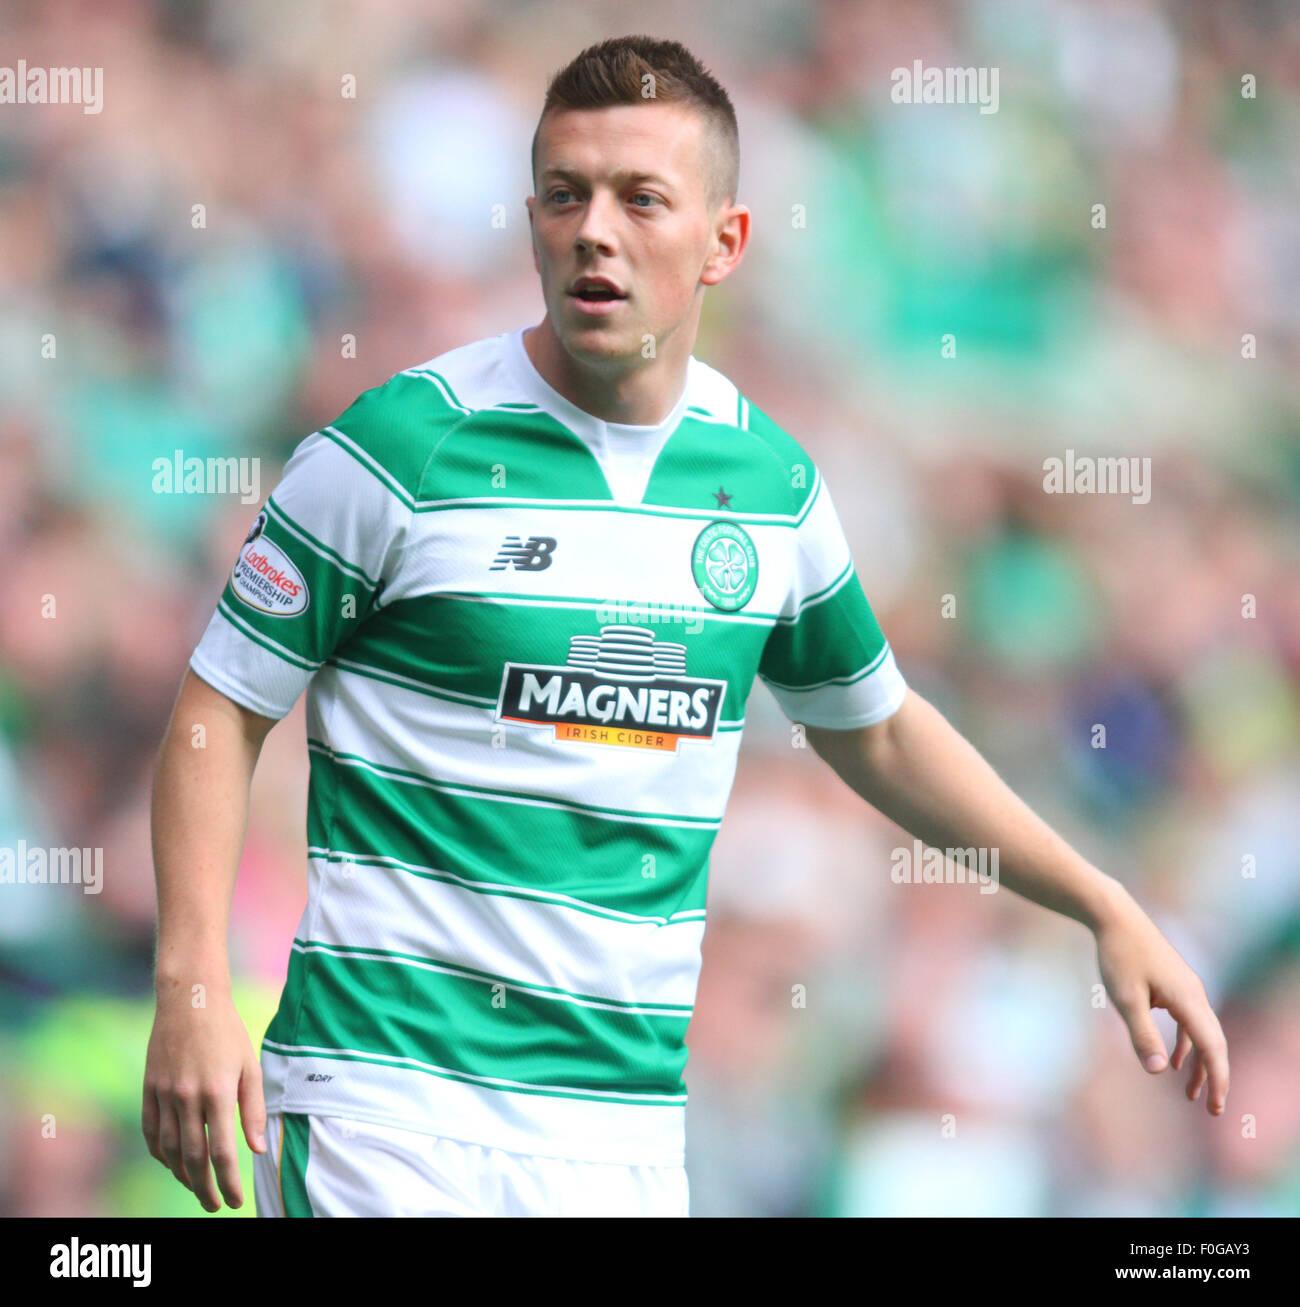 Glasgow, Scotland. 15th Aug, 2015. Scottish Premiership. Celtic versus Inverness CT. Callum McGregor (Celtic) Credit: - Stock Image